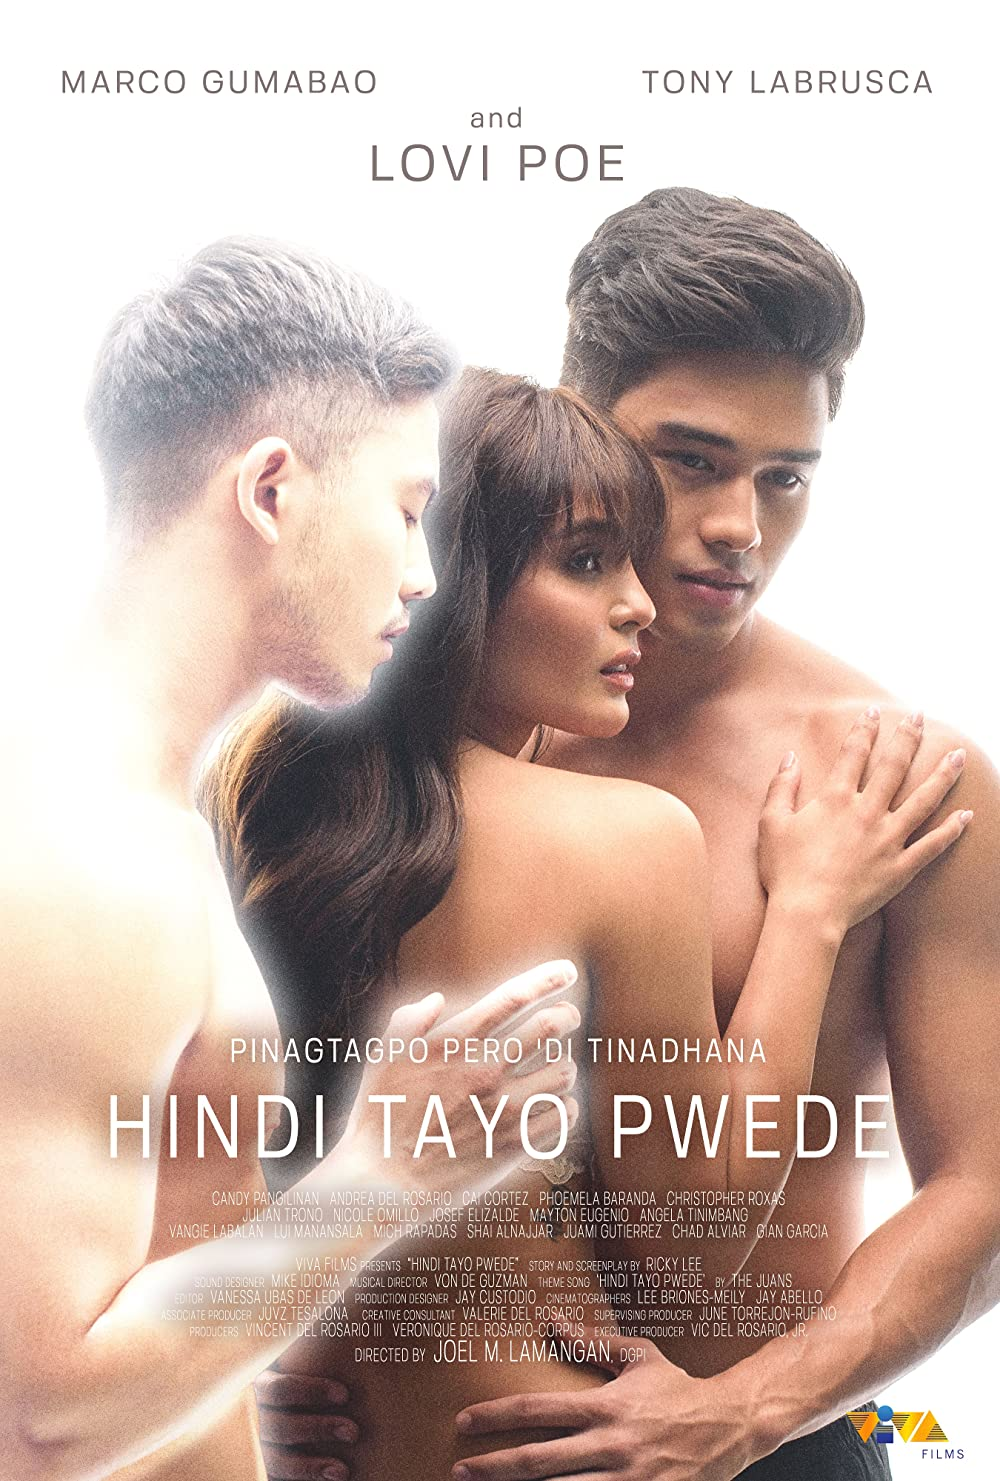 18+ Hindi Tayo Pwede 2020 Tagalog 1080p HDRip 2.3GB Download